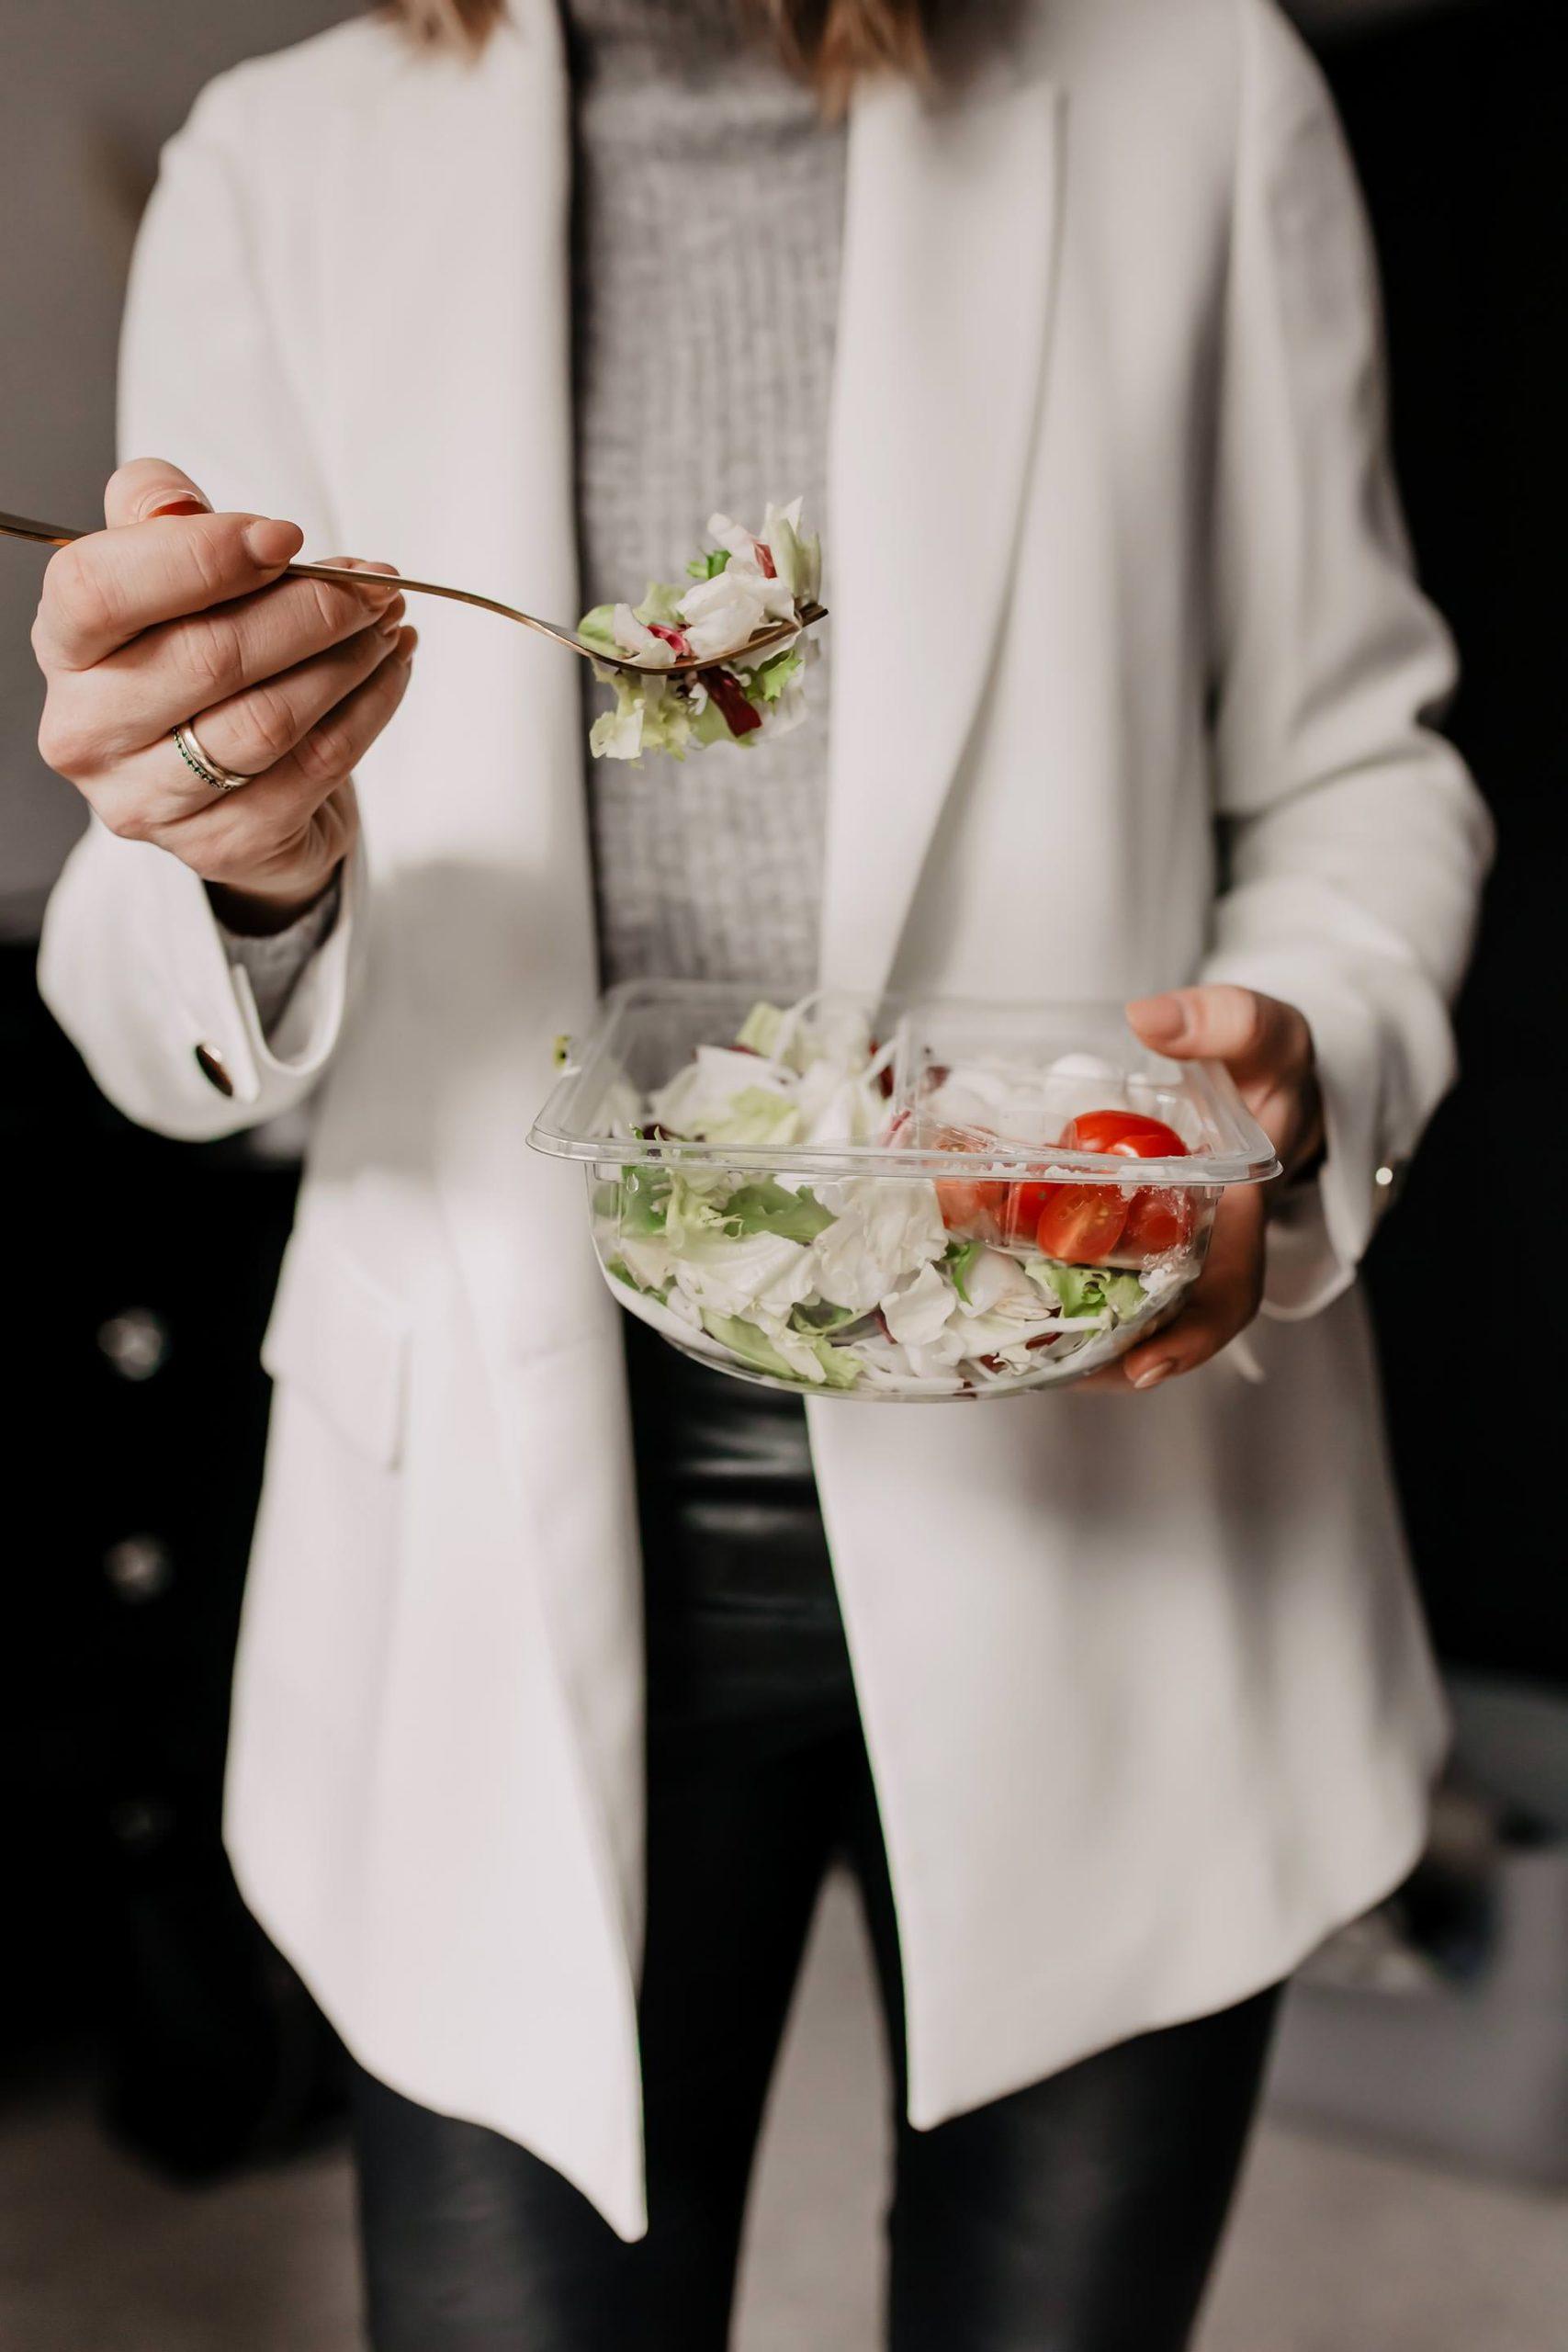 Anzeige. Was soll ich zu Mittag essen? Am Karriere Blog findest du jetzt 5 Tipps für gesundes Essen im Büro. Gesunde Ernährung im Office kann so einfach sein und ich verrate dir, auf welche gesunde und frische Fertigprodukte ich liebend gerne zurückgreife. www.whoismocca.com #mittagessen #gesundeernährung #karrieretipps